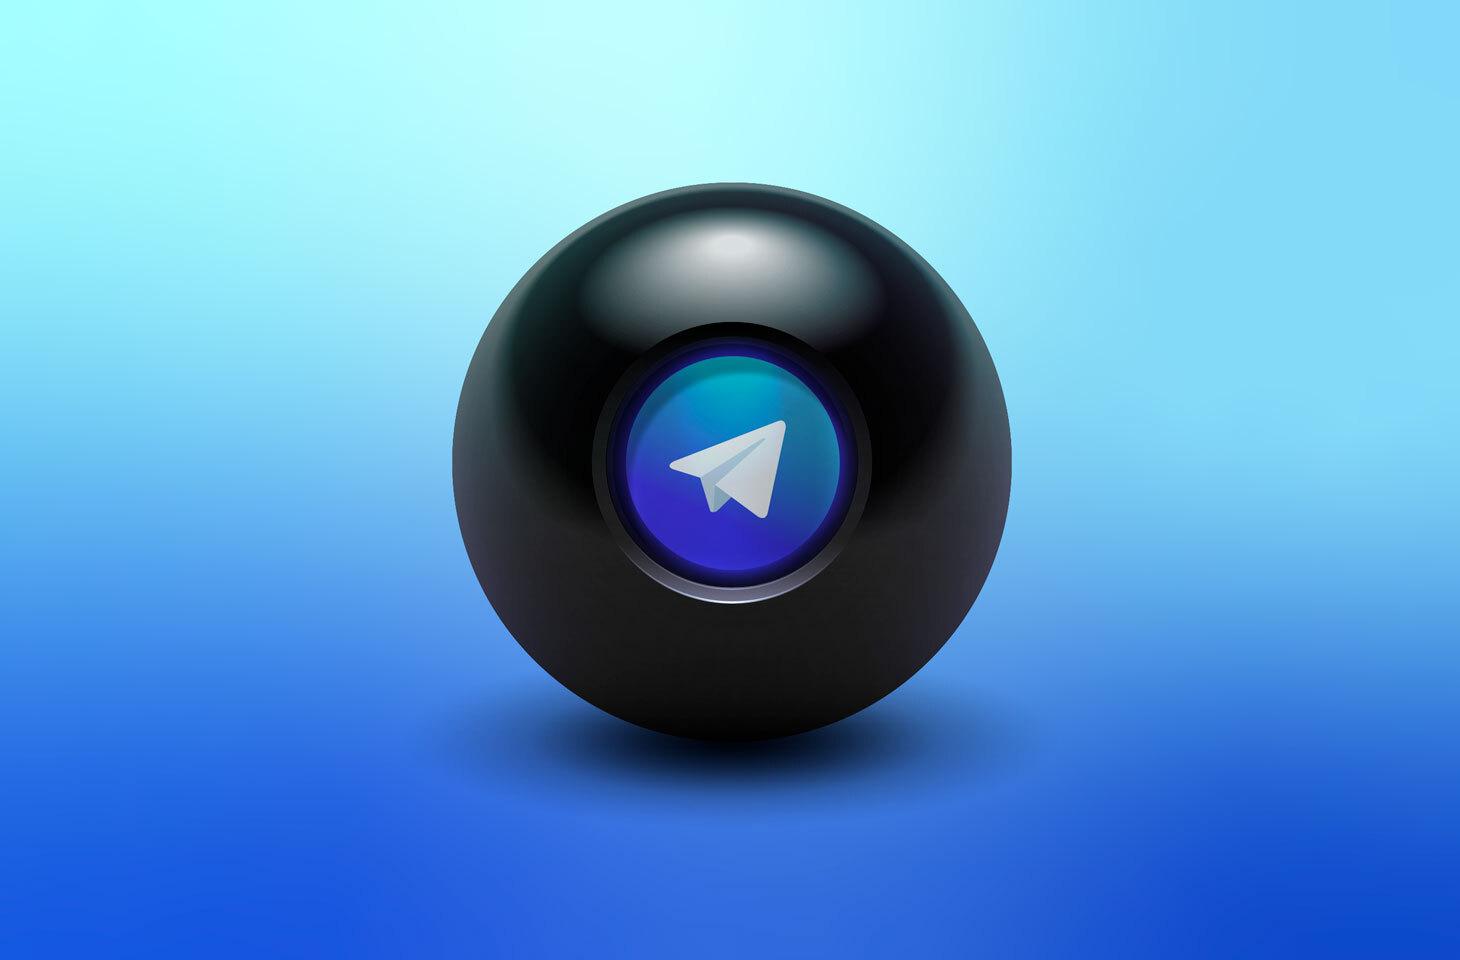 Как общаться в Telegram безопасно и конфиденциально